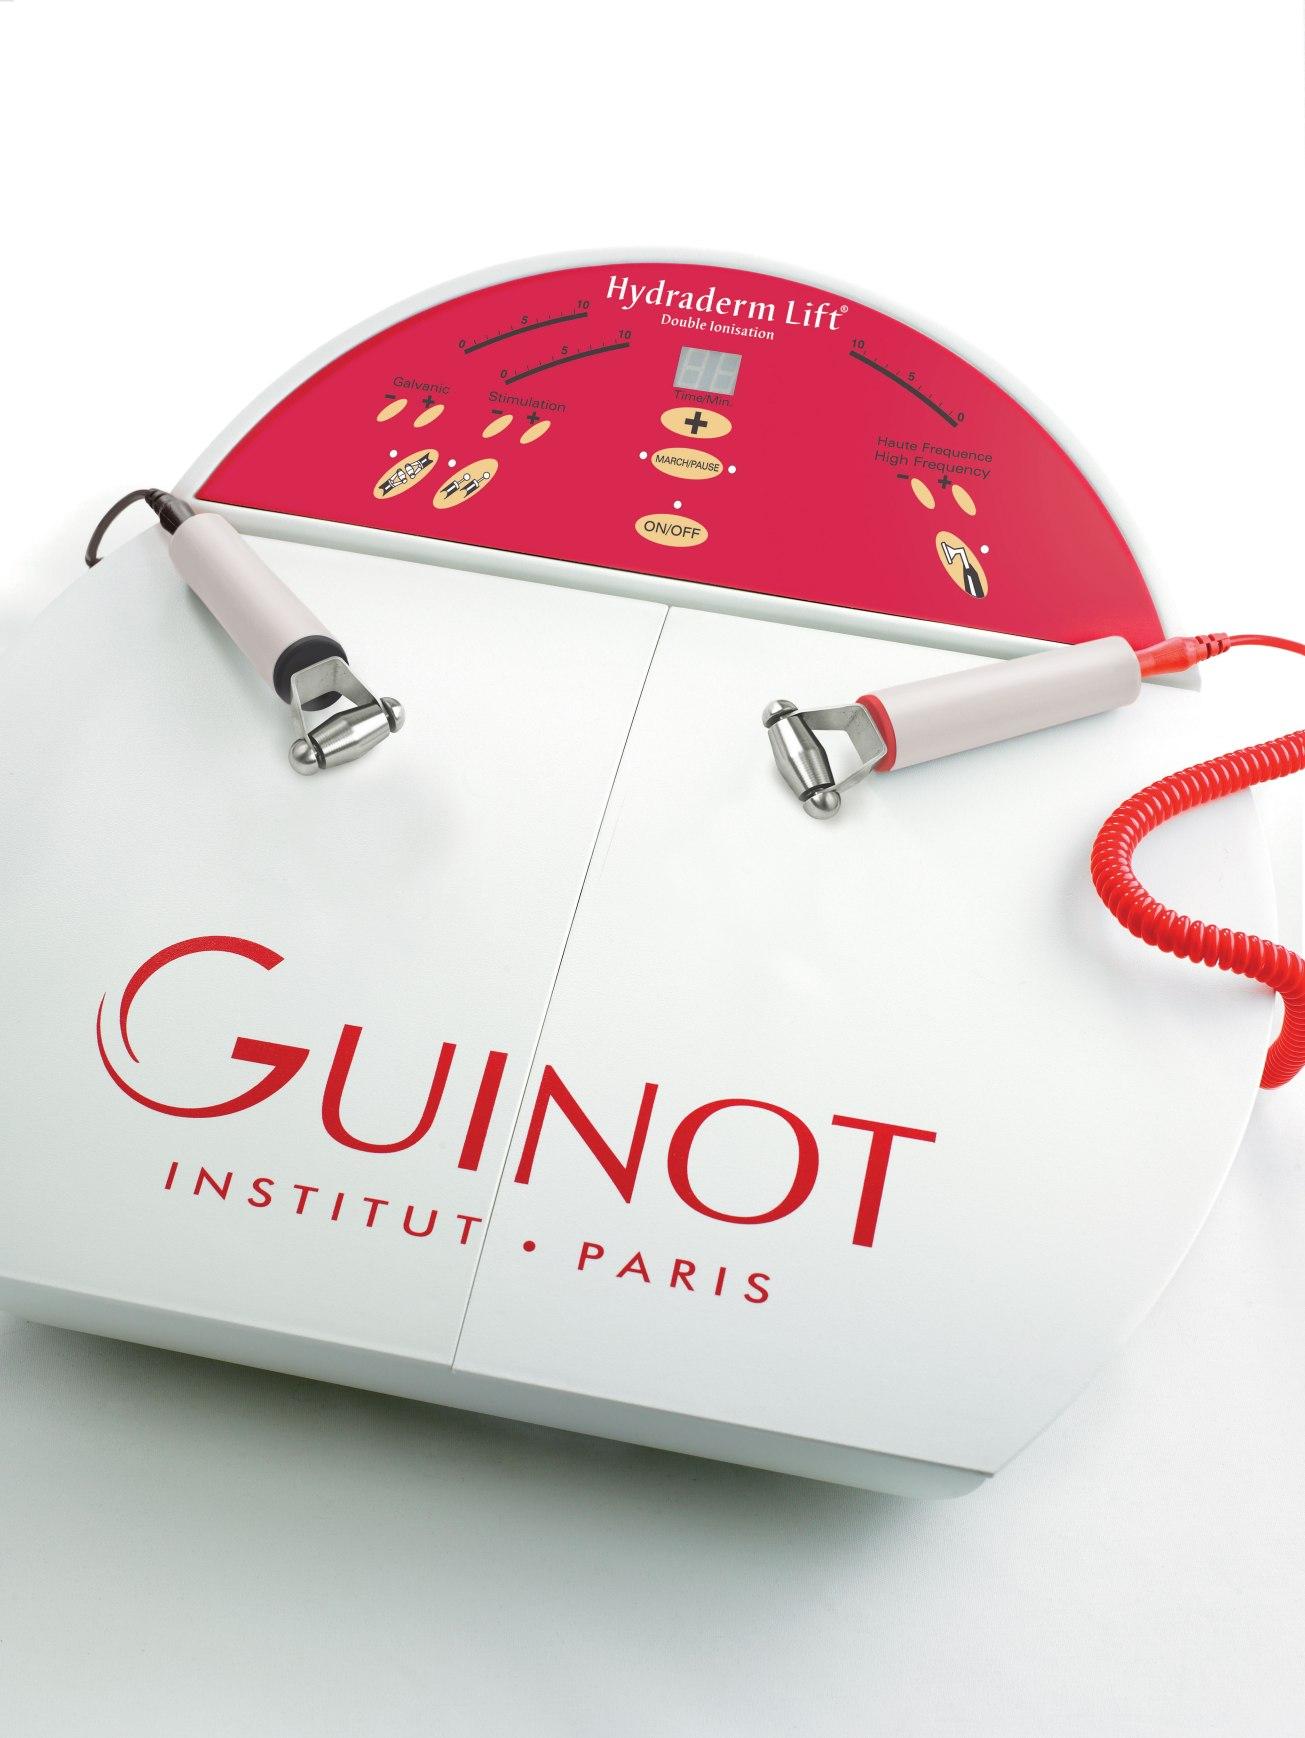 Guinot Hydraderm Machine